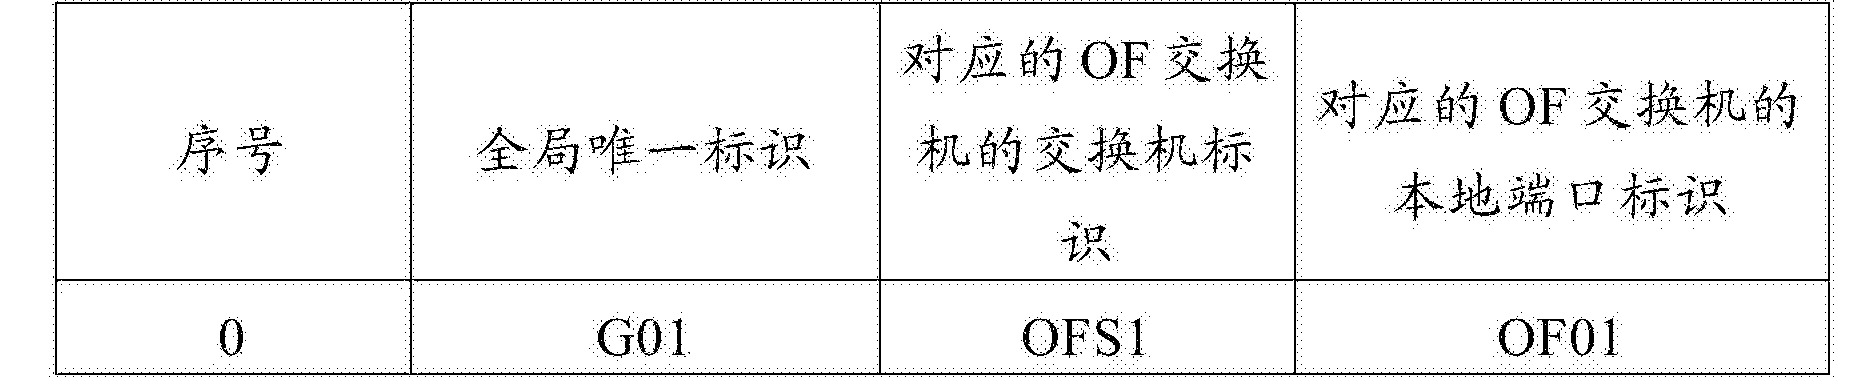 Figure CN104253770BD00101